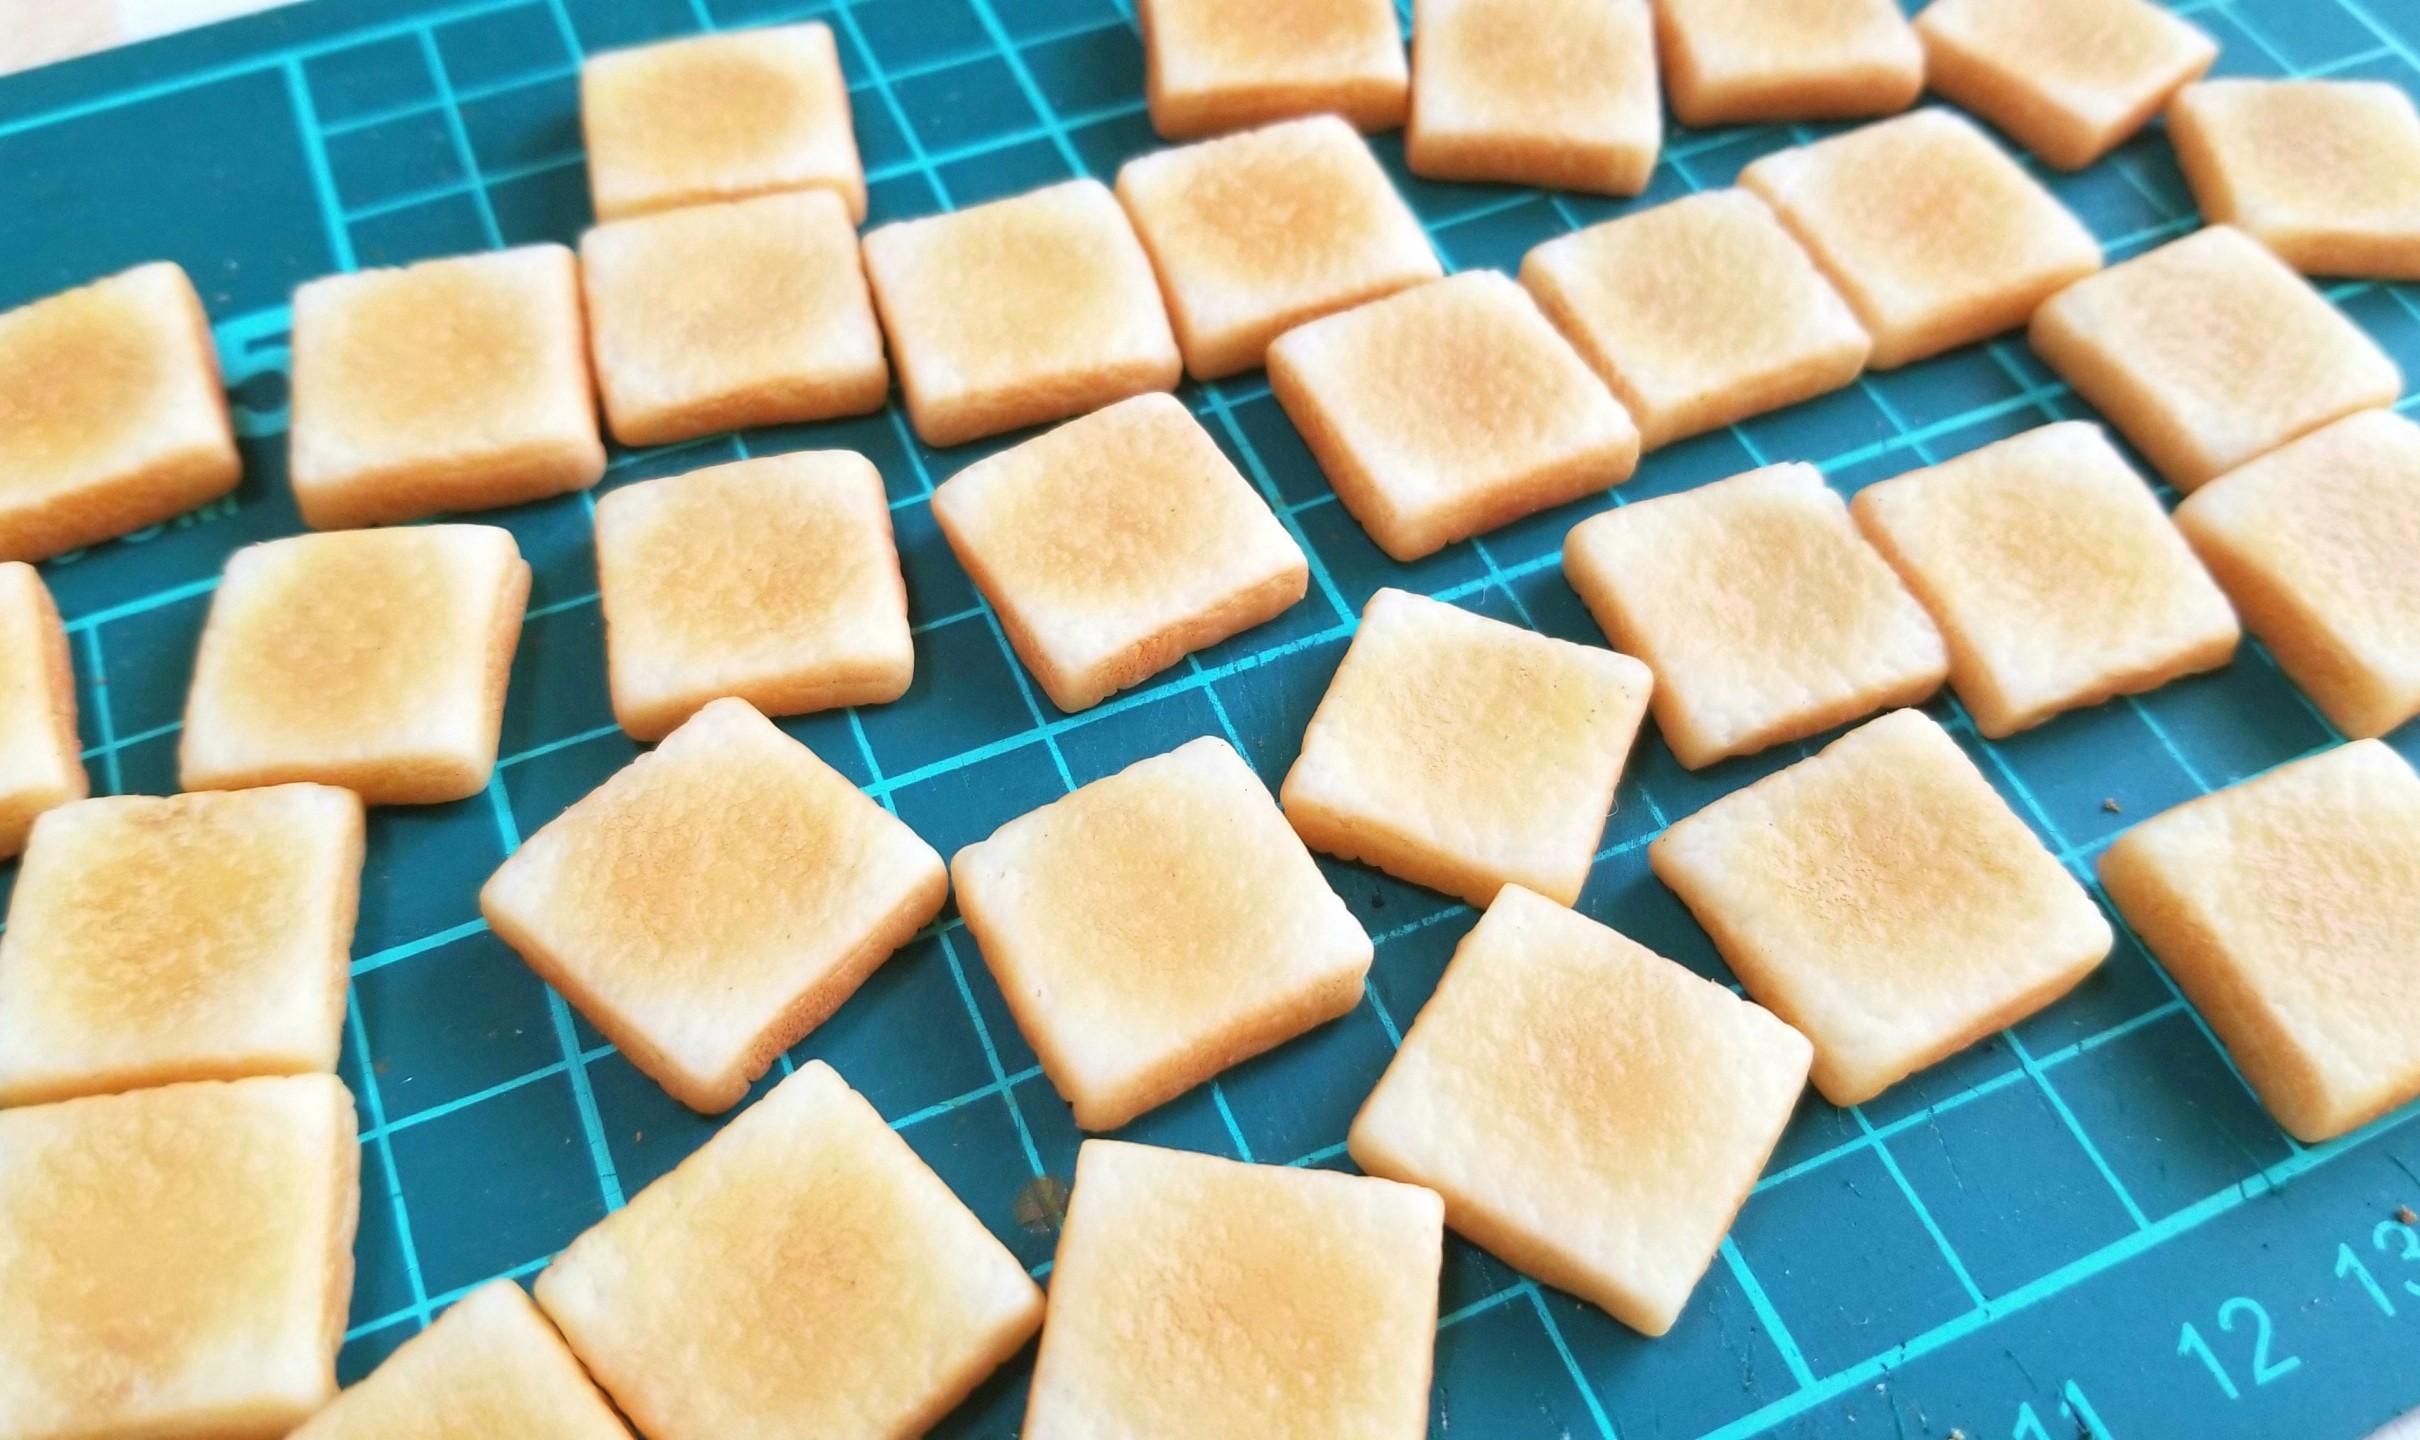 ラピュタパン,トースト,作り方,樹脂粘土,食パン,ドールハウス,オビツ